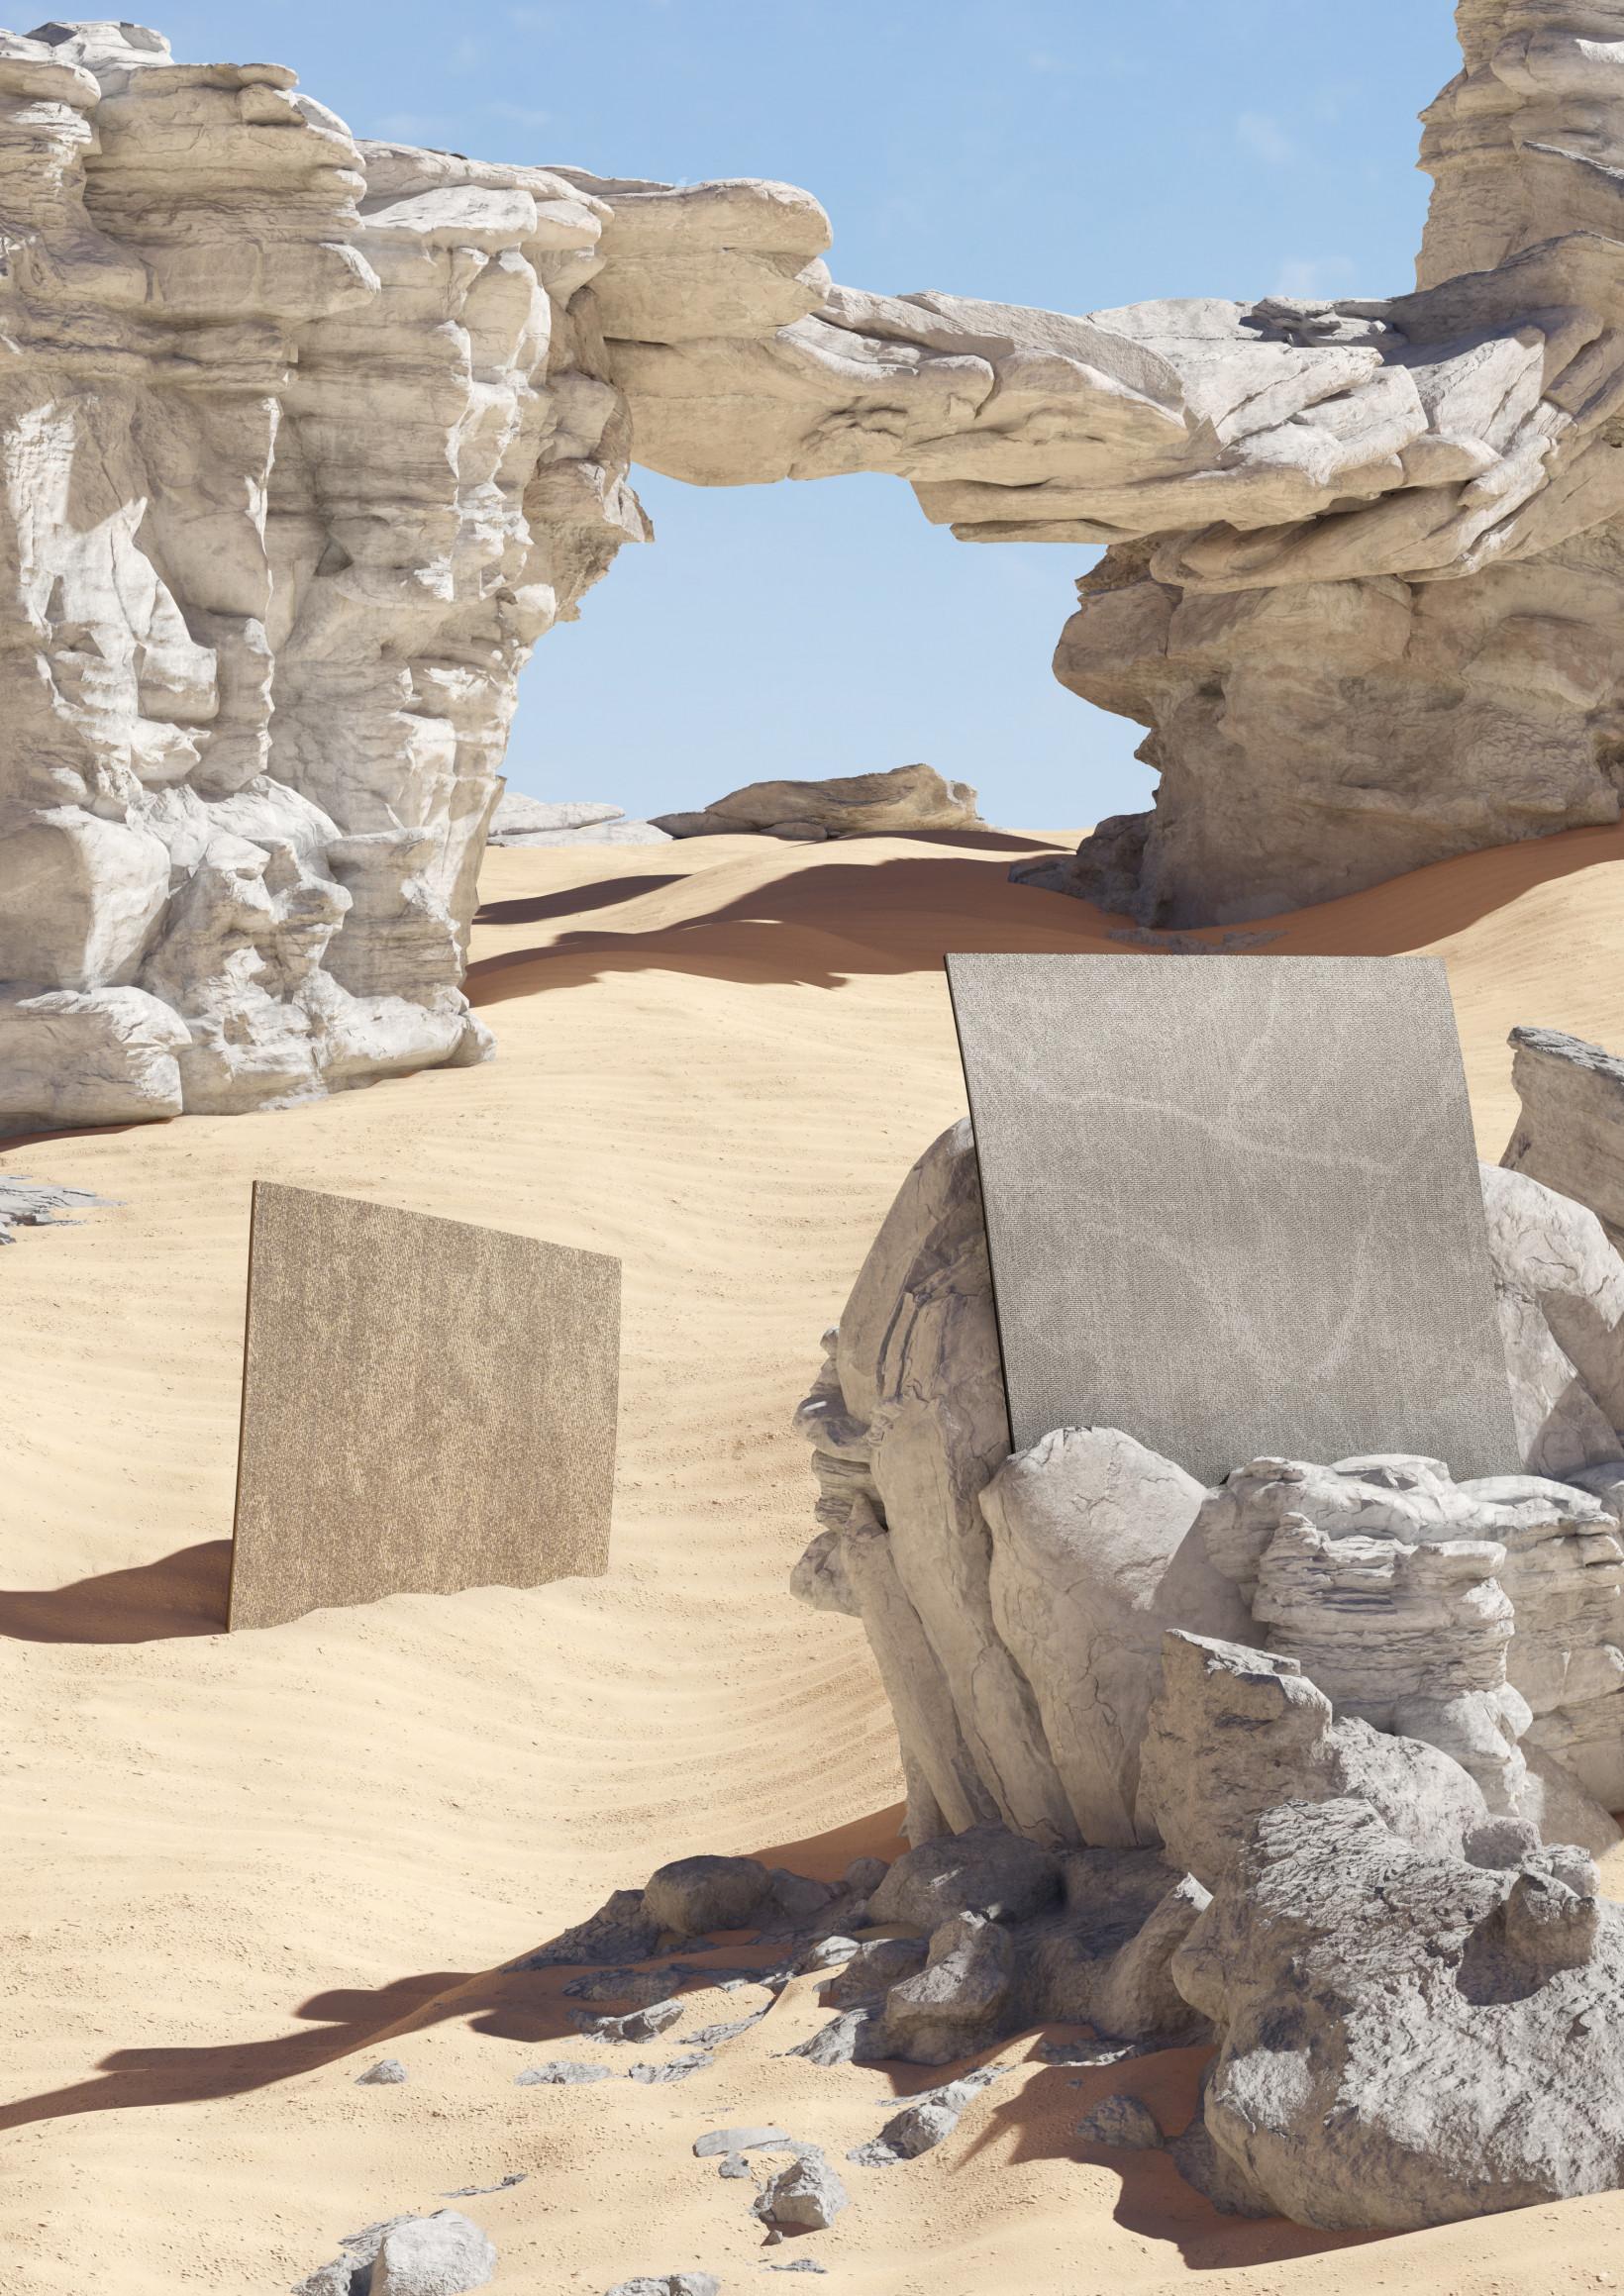 2Tec2_Marble_Desert_combo_A3 V3.jpg